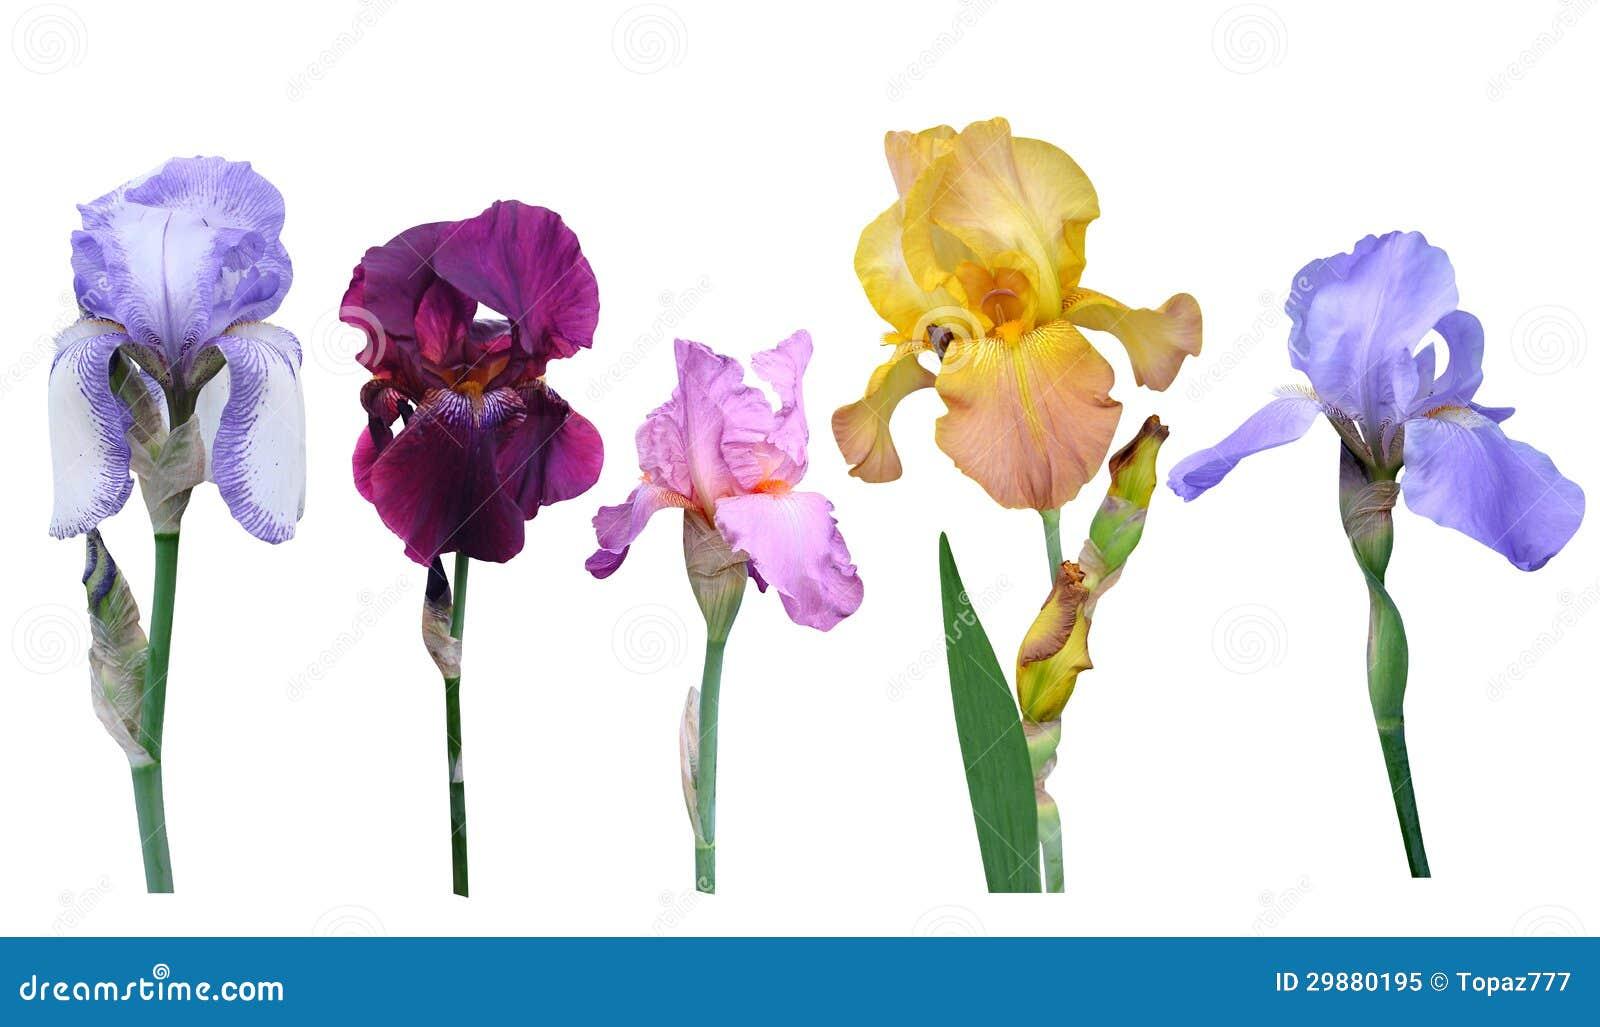 De bloemen van irissen